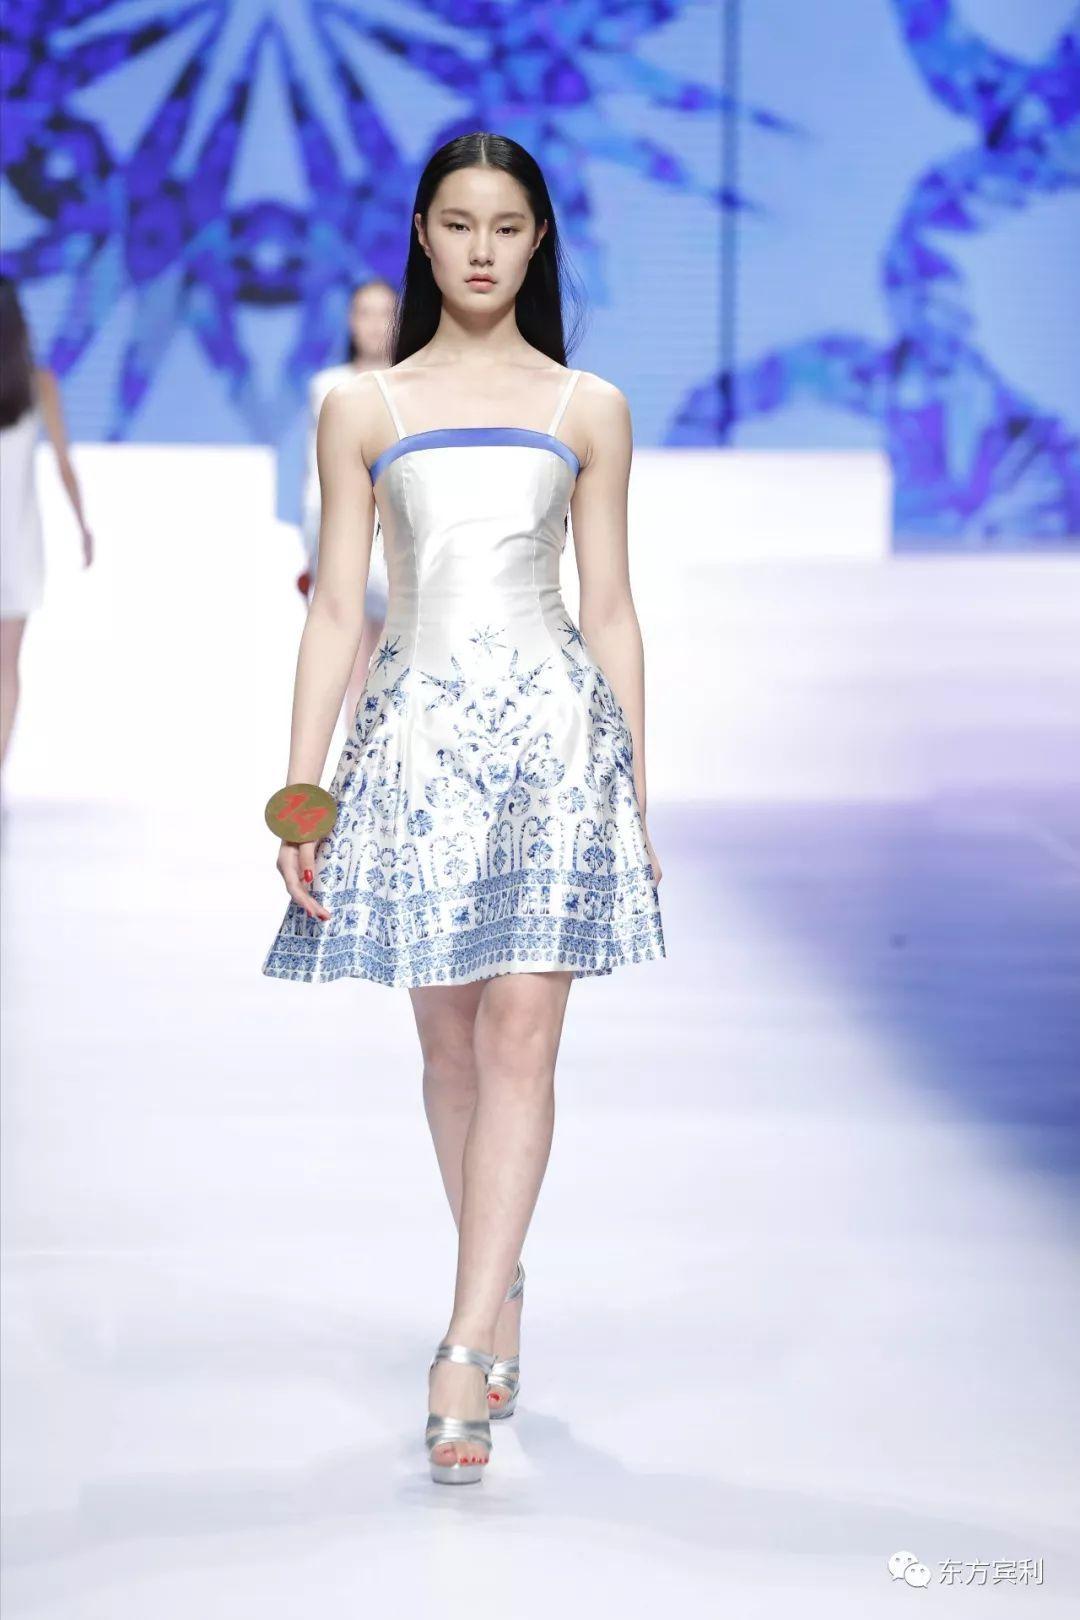 2015年中国超级模特大赛